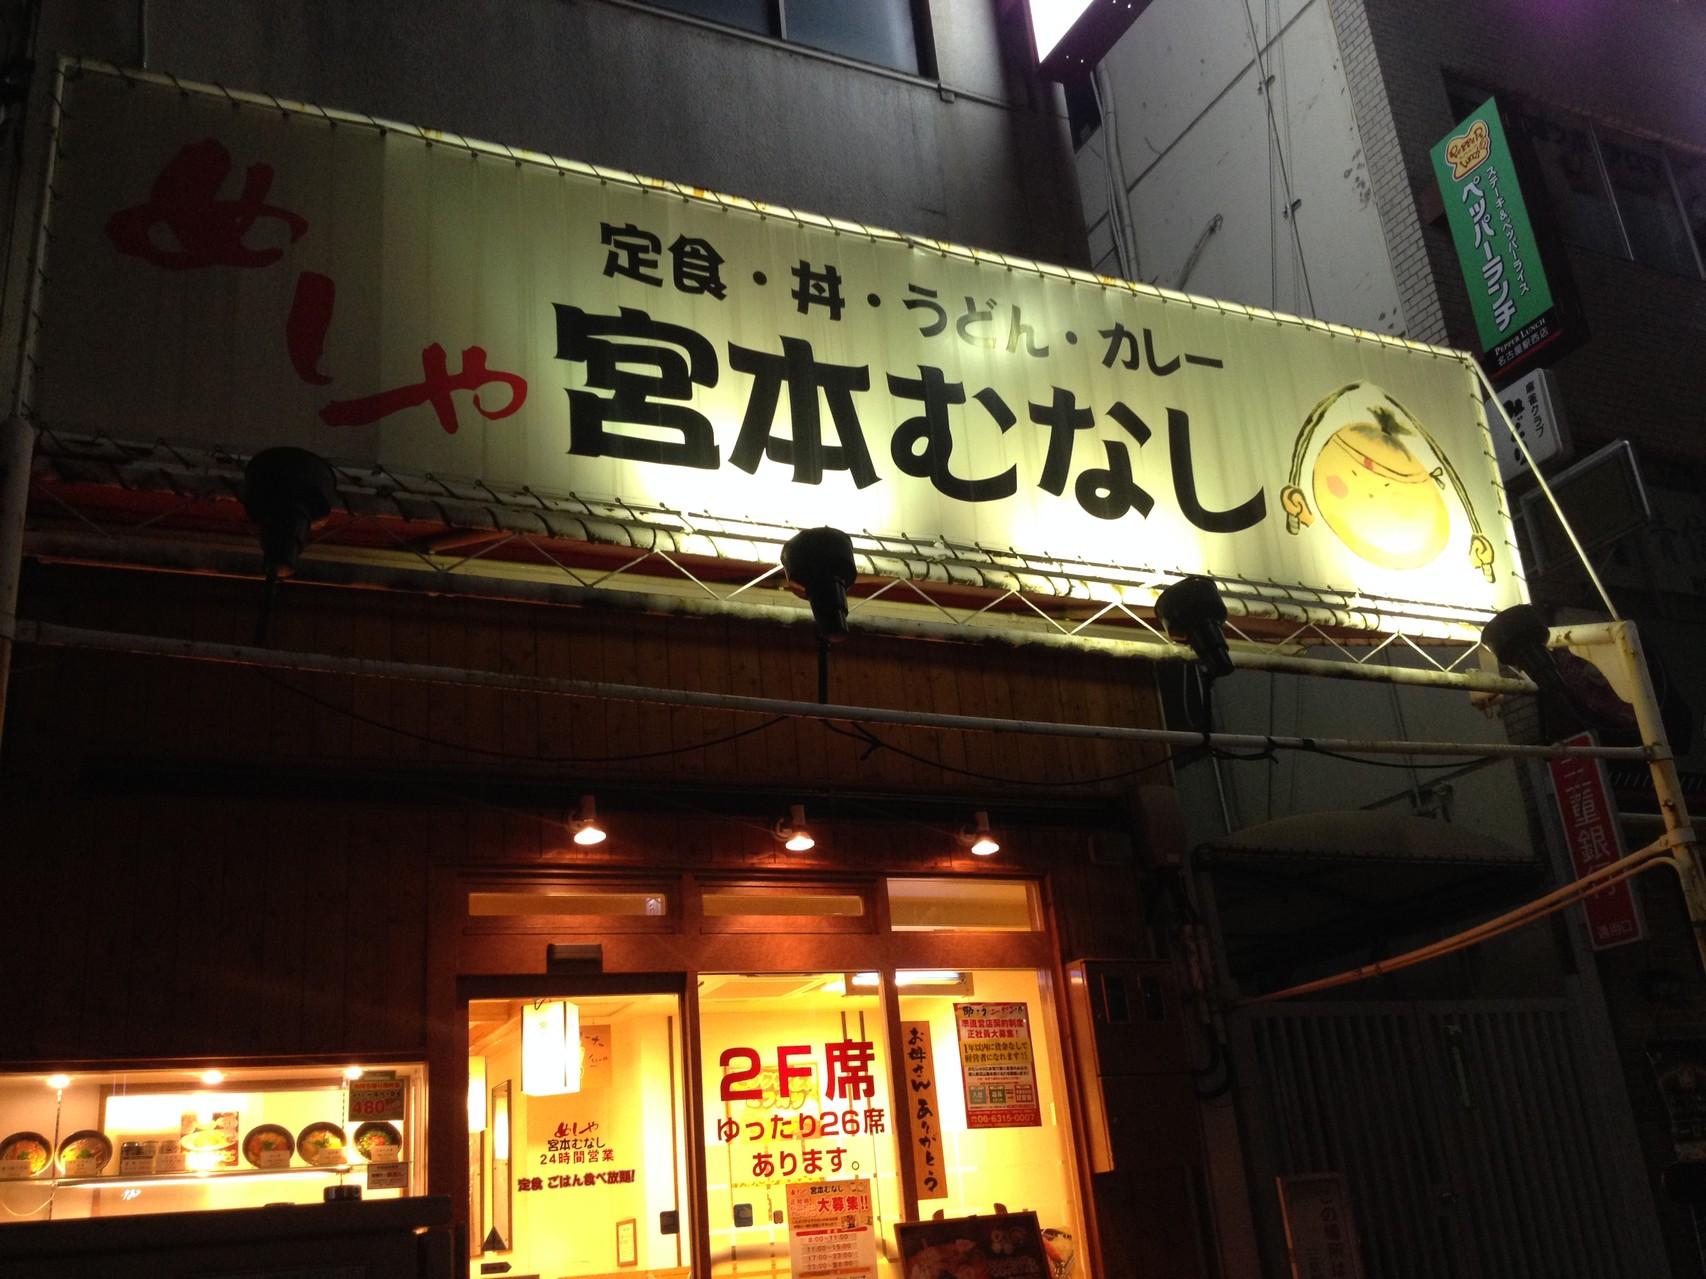 名古屋に戻りました。 宮本むなし・・・笑